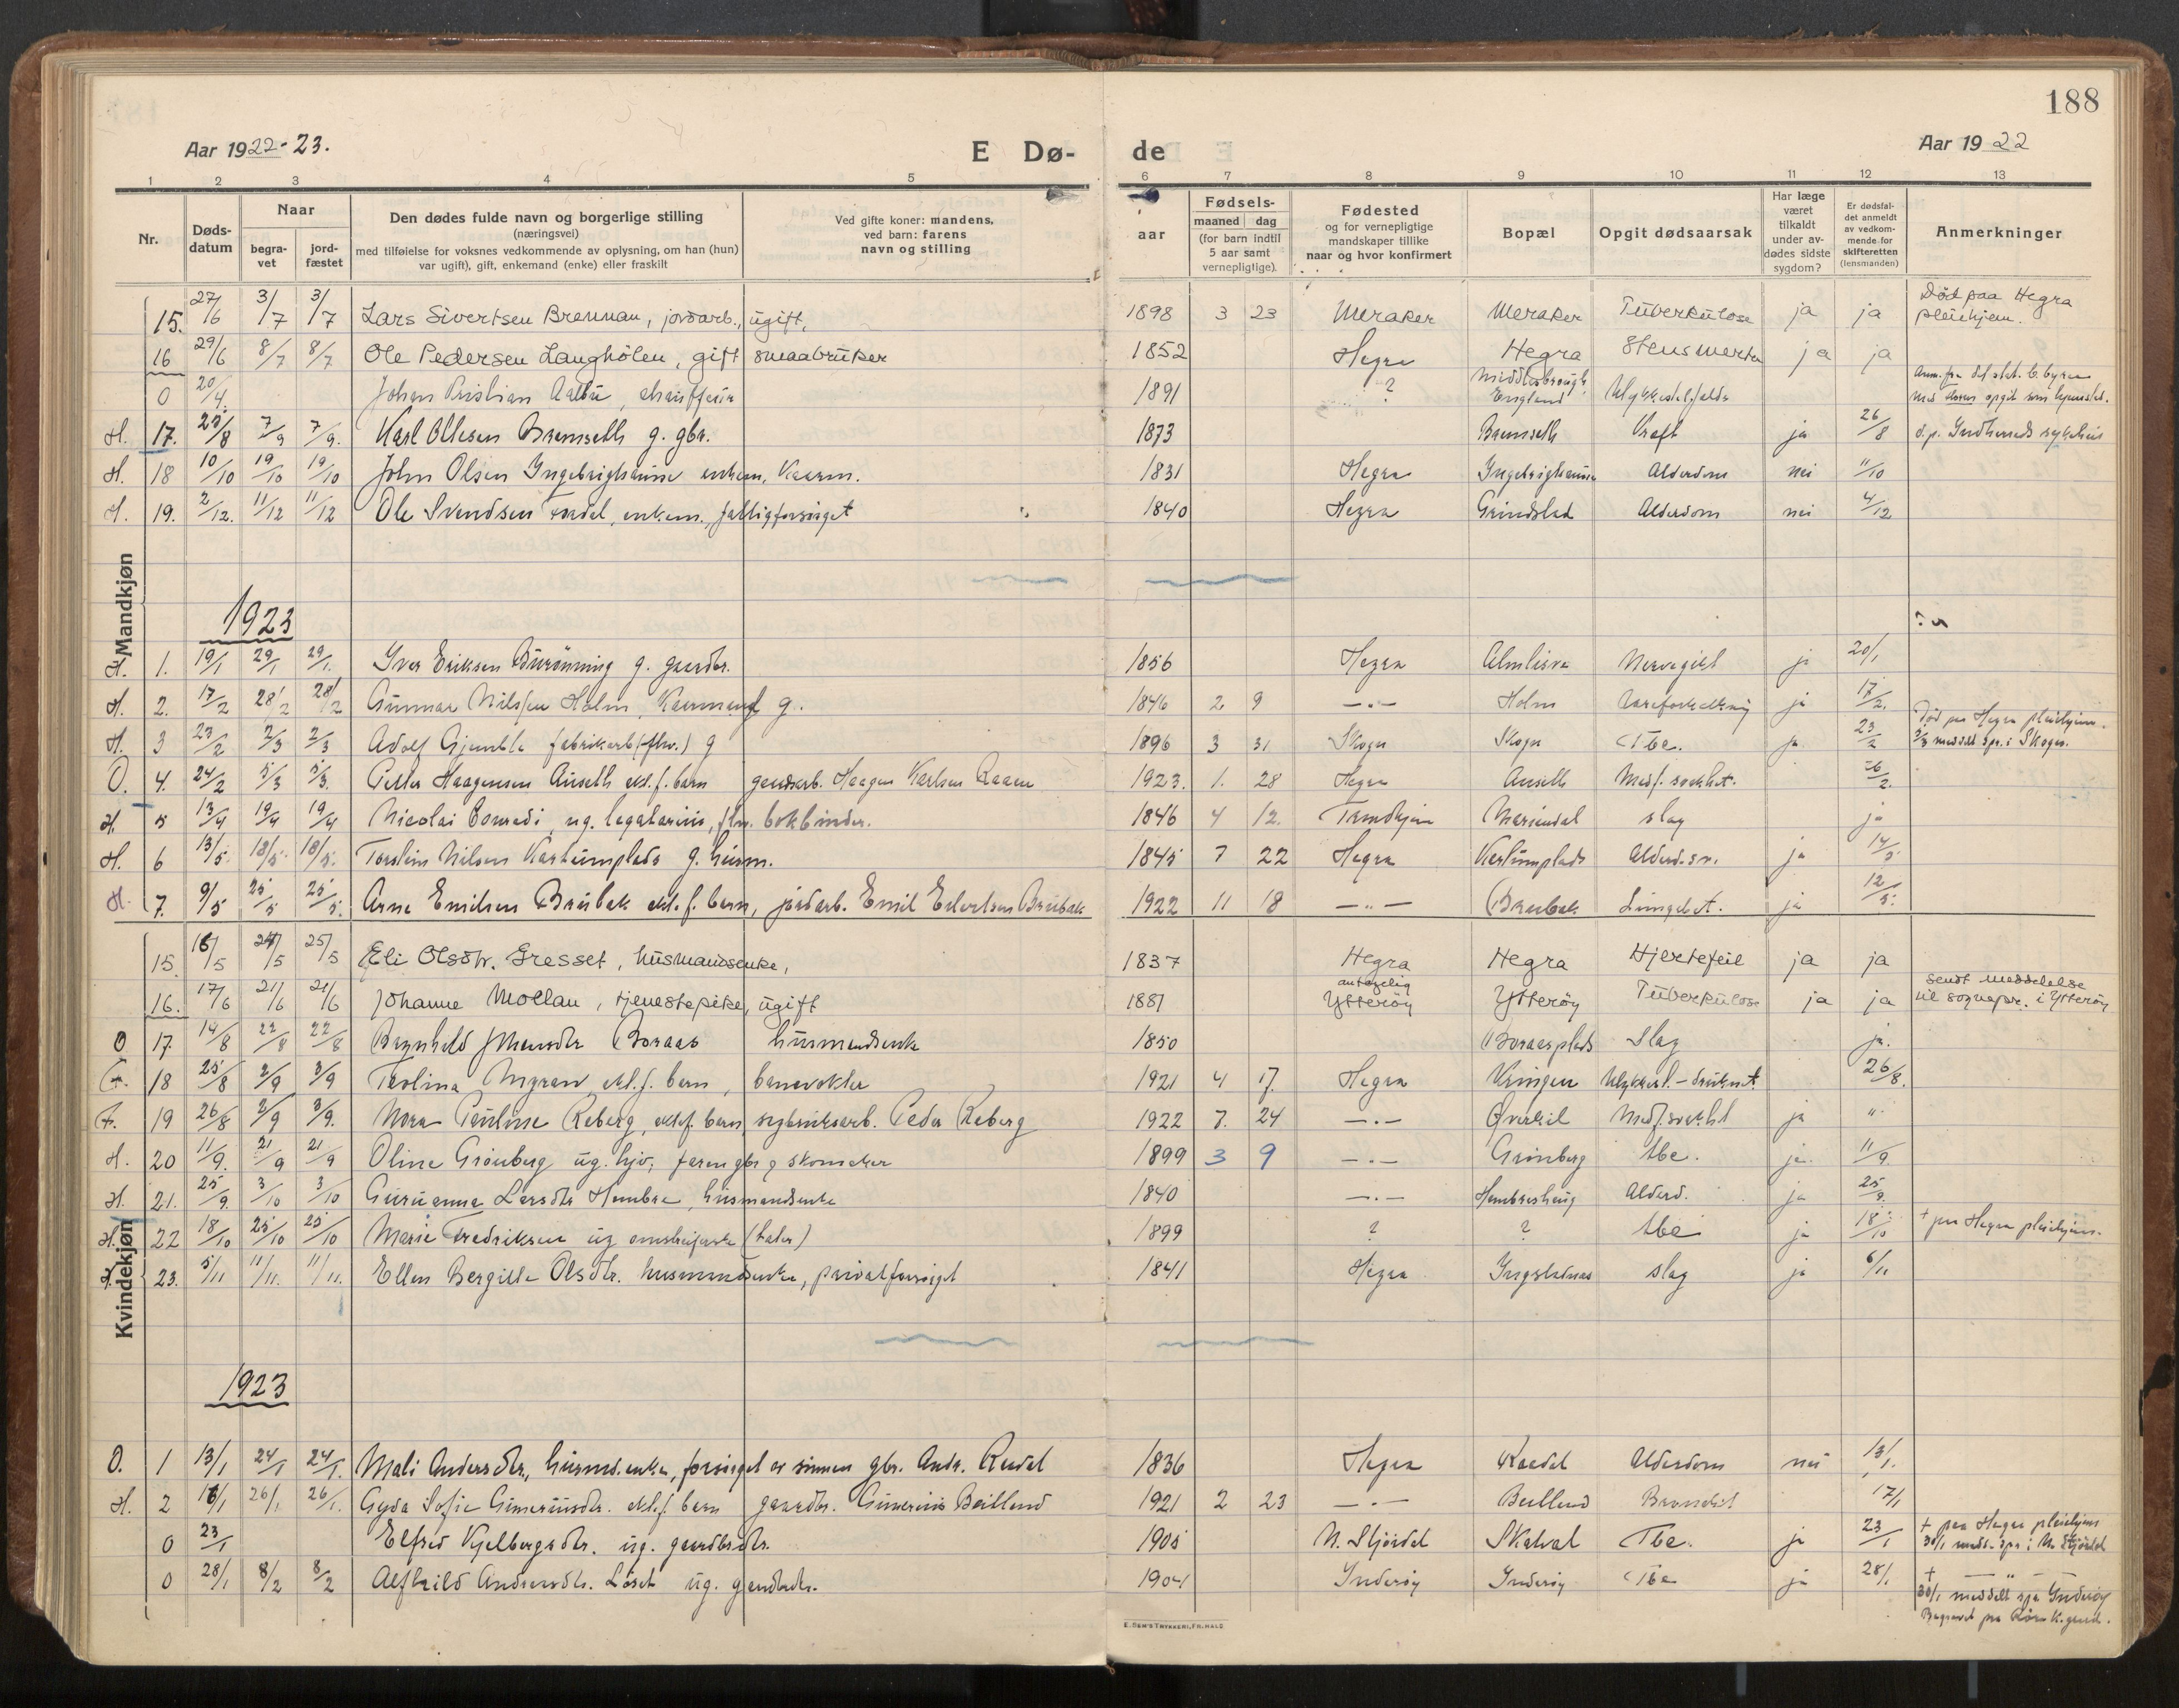 SAT, Ministerialprotokoller, klokkerbøker og fødselsregistre - Nord-Trøndelag, 703/L0037: Parish register (official) no. 703A10, 1915-1932, p. 188